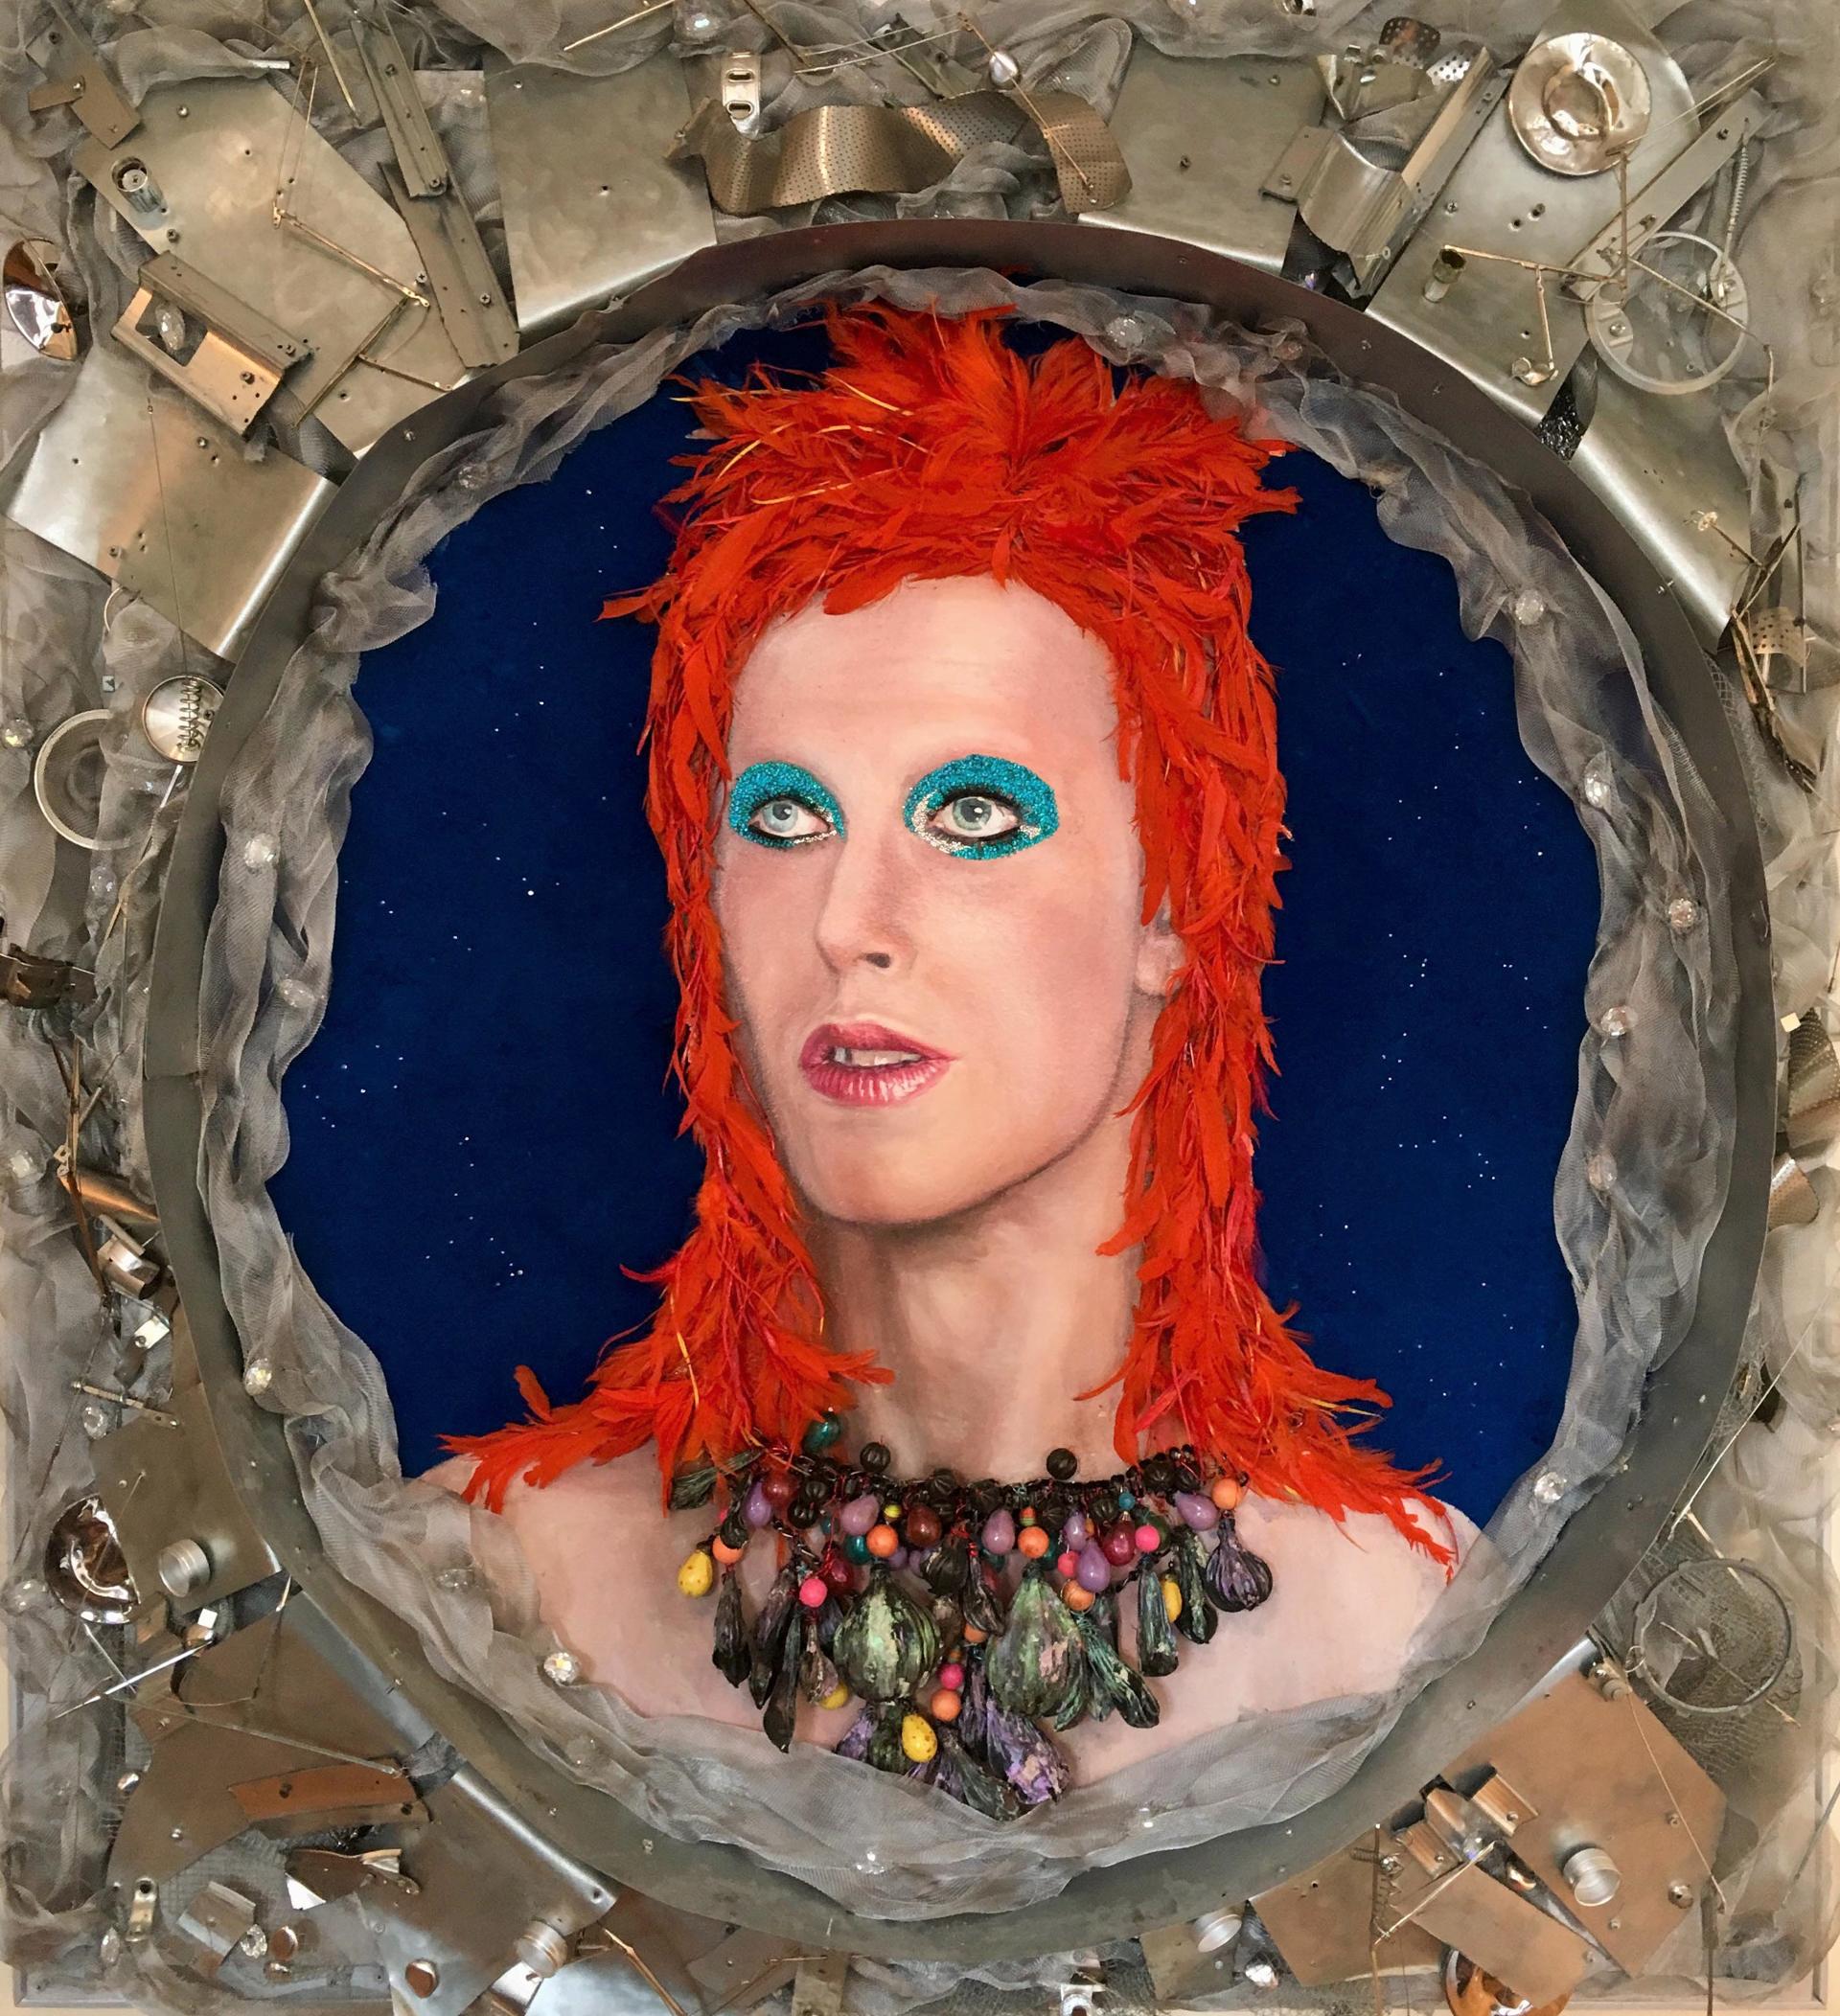 Bowie in Space  by StrosbergMandel